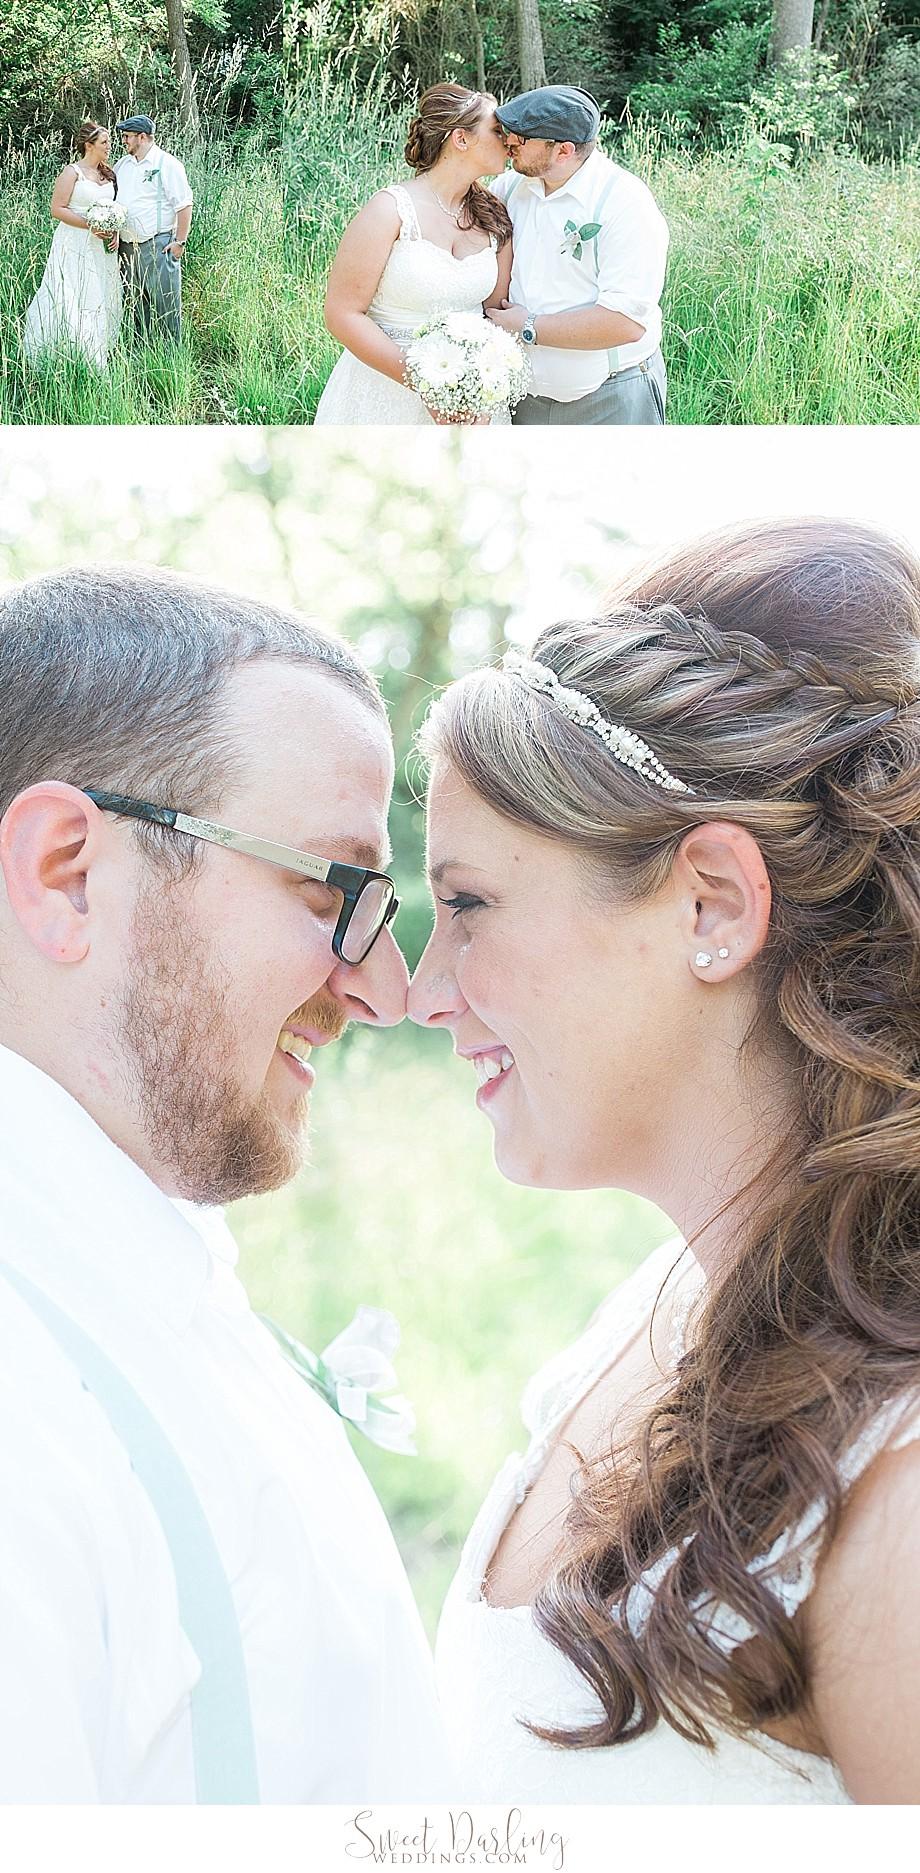 braid curl hairdo on bride